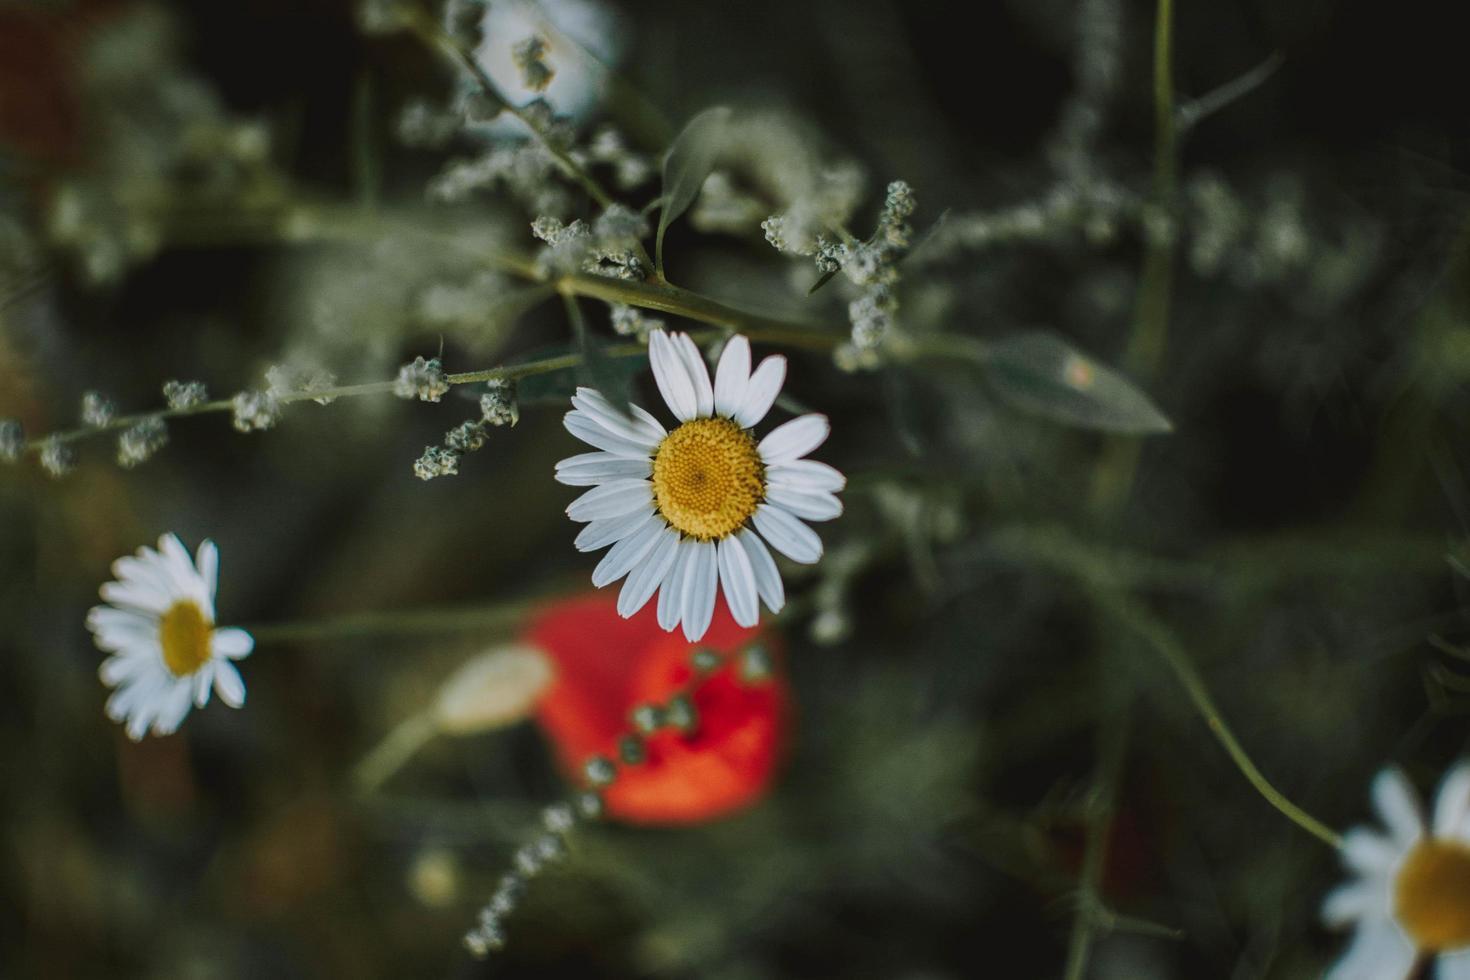 fleurs blanches et rouges photo